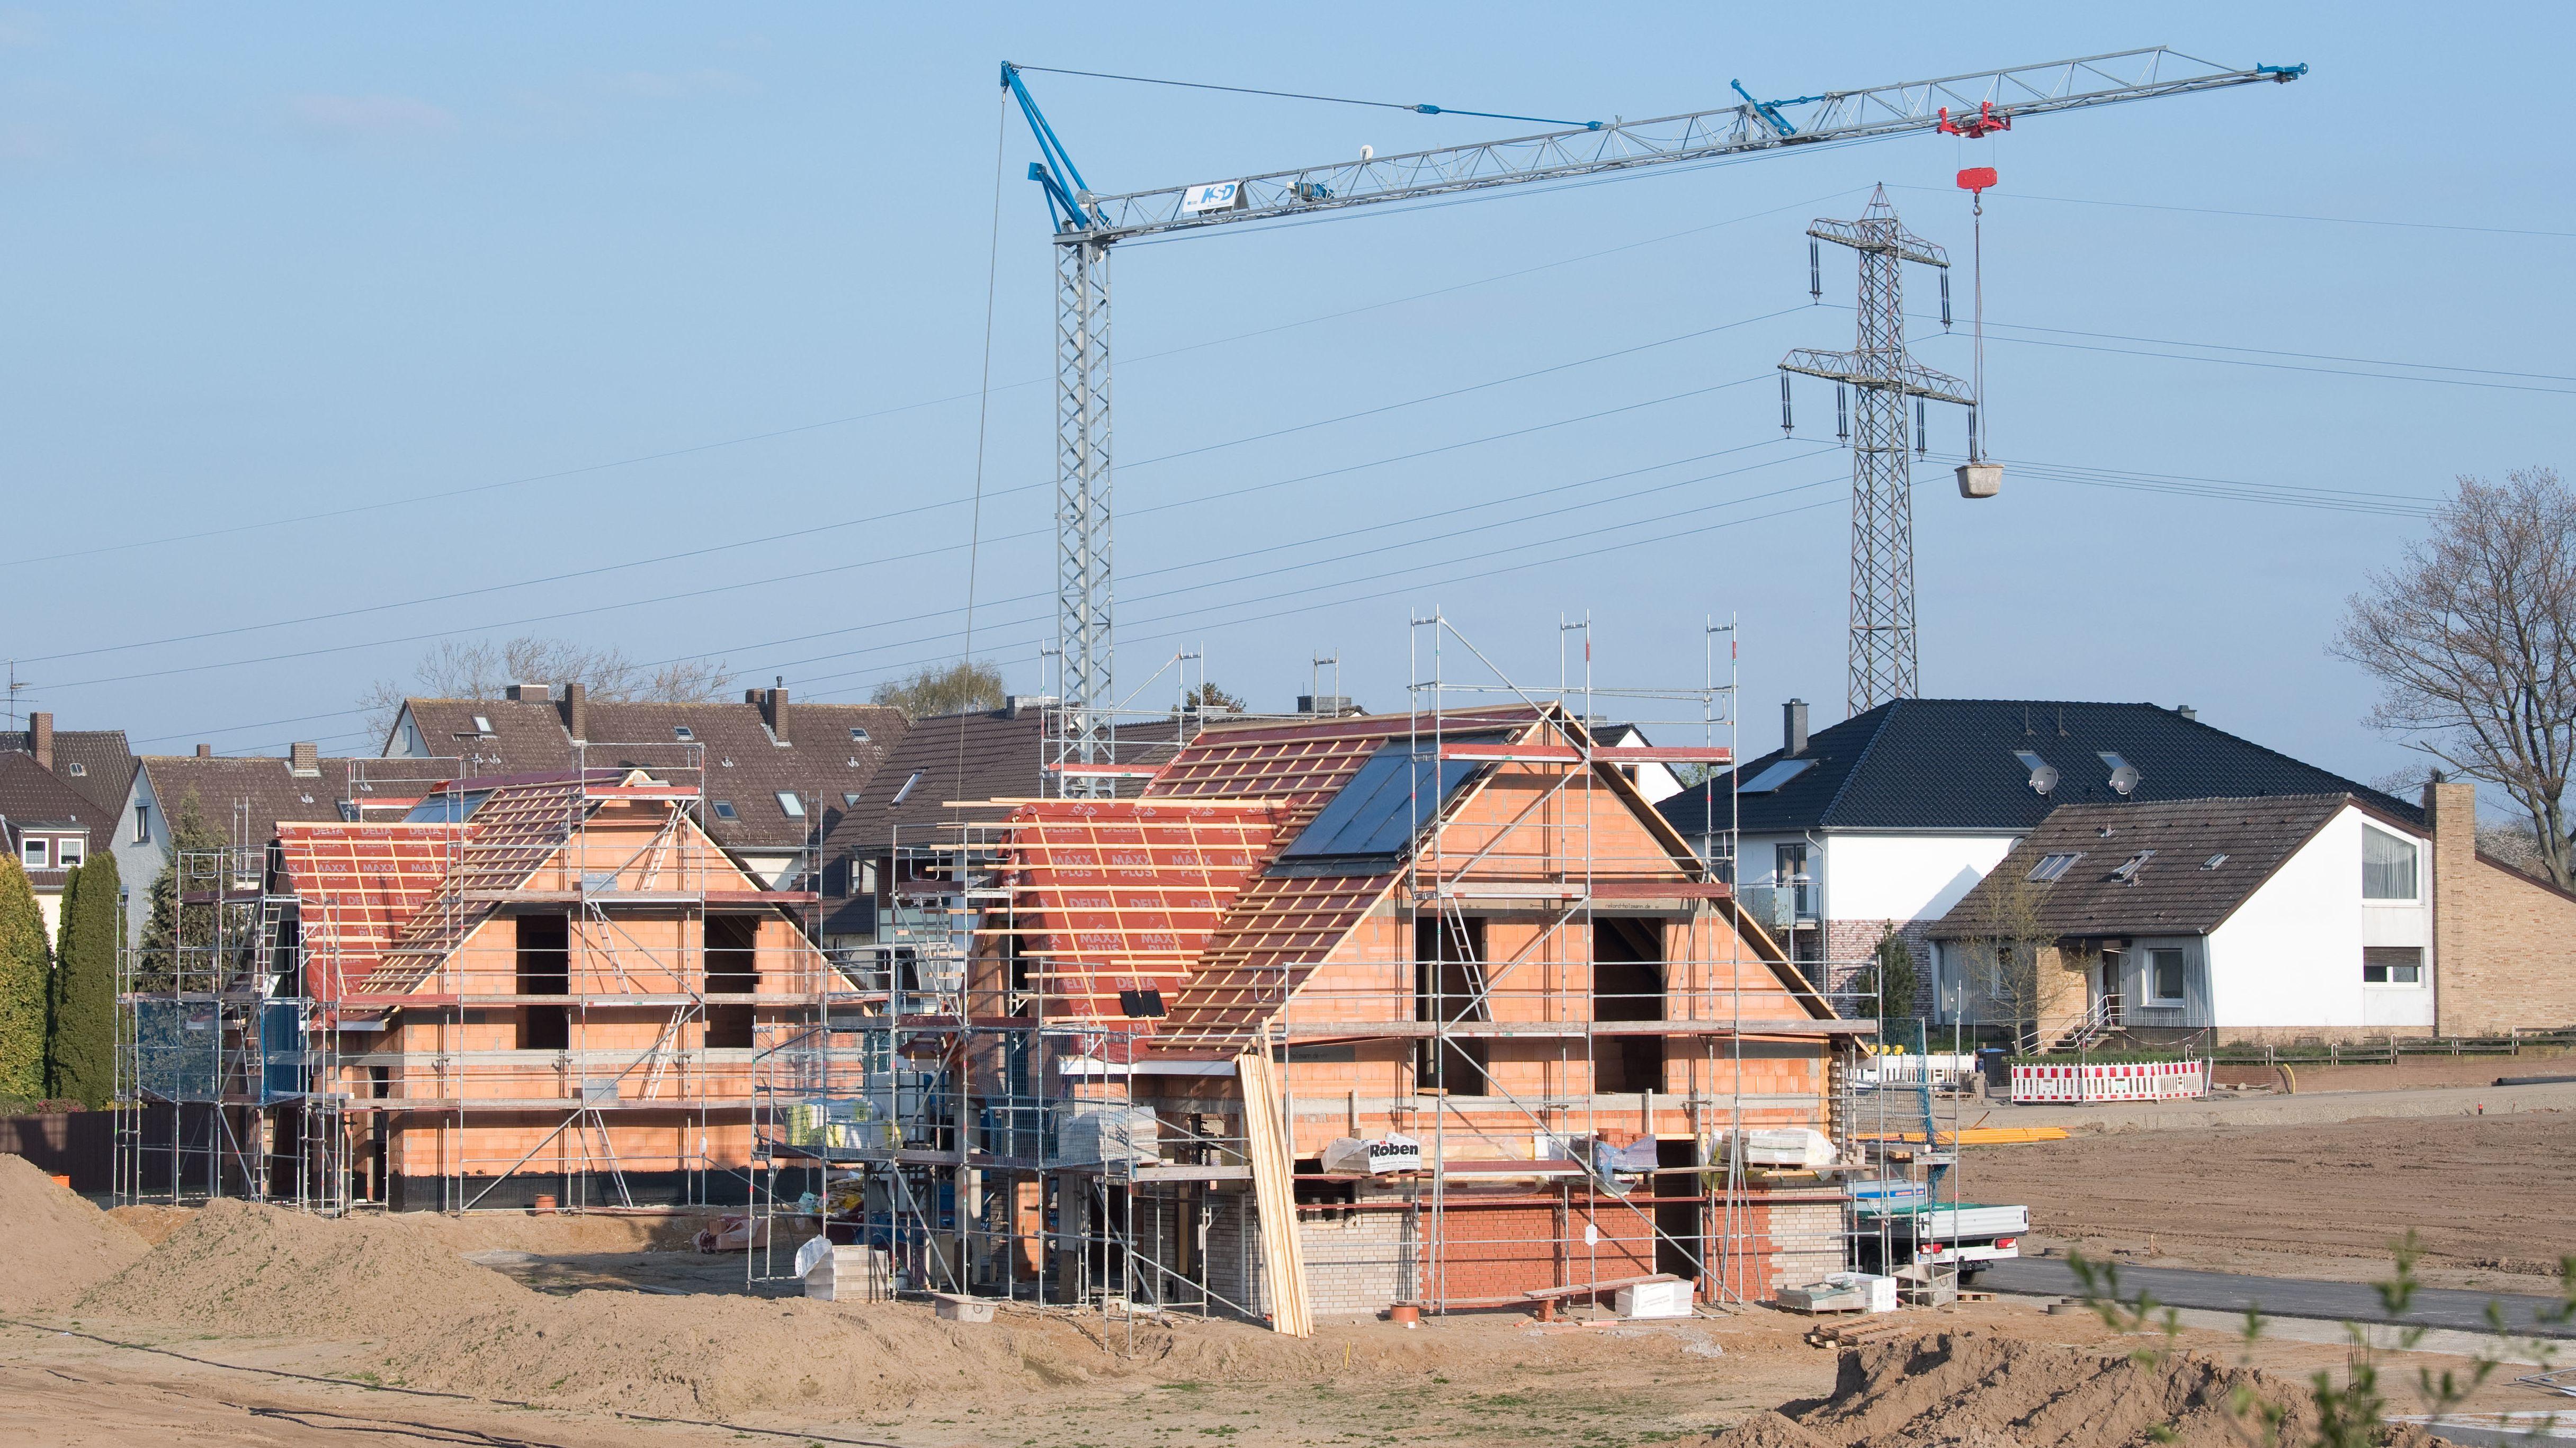 Baustelle in einem Neubaugebiet